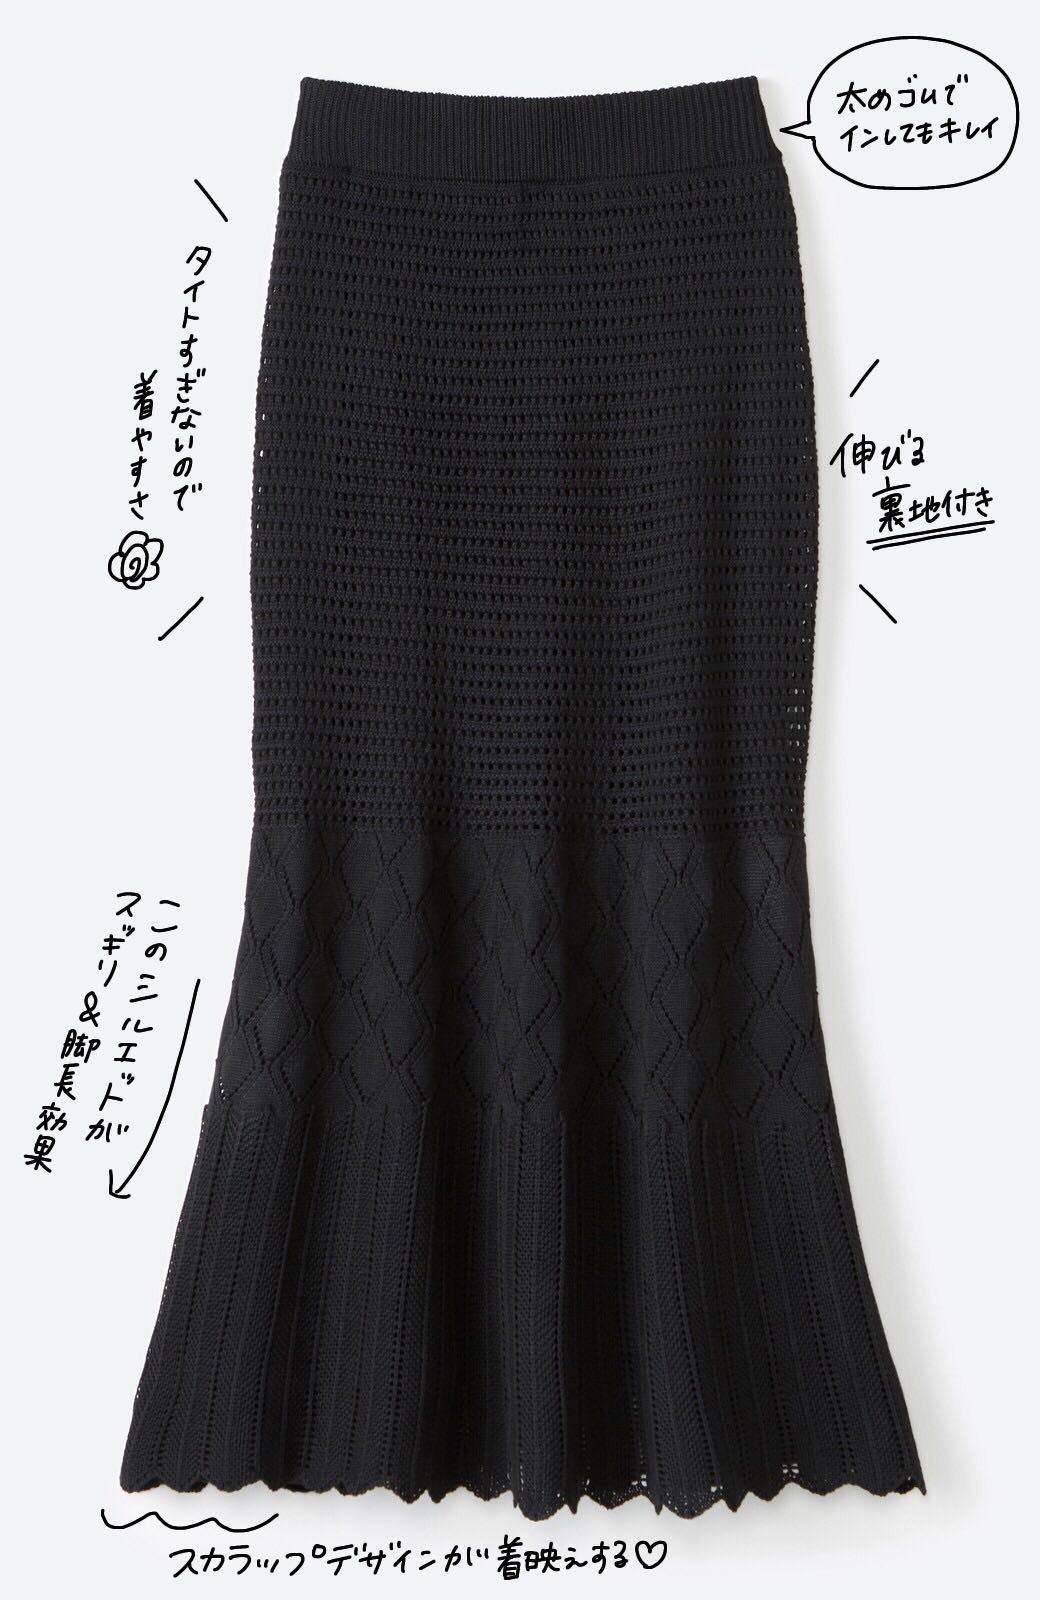 haco! 単品はもちろん重ね着してもかわいさが増す!透かし編みマーメイドスカート <ブラック>の商品写真3